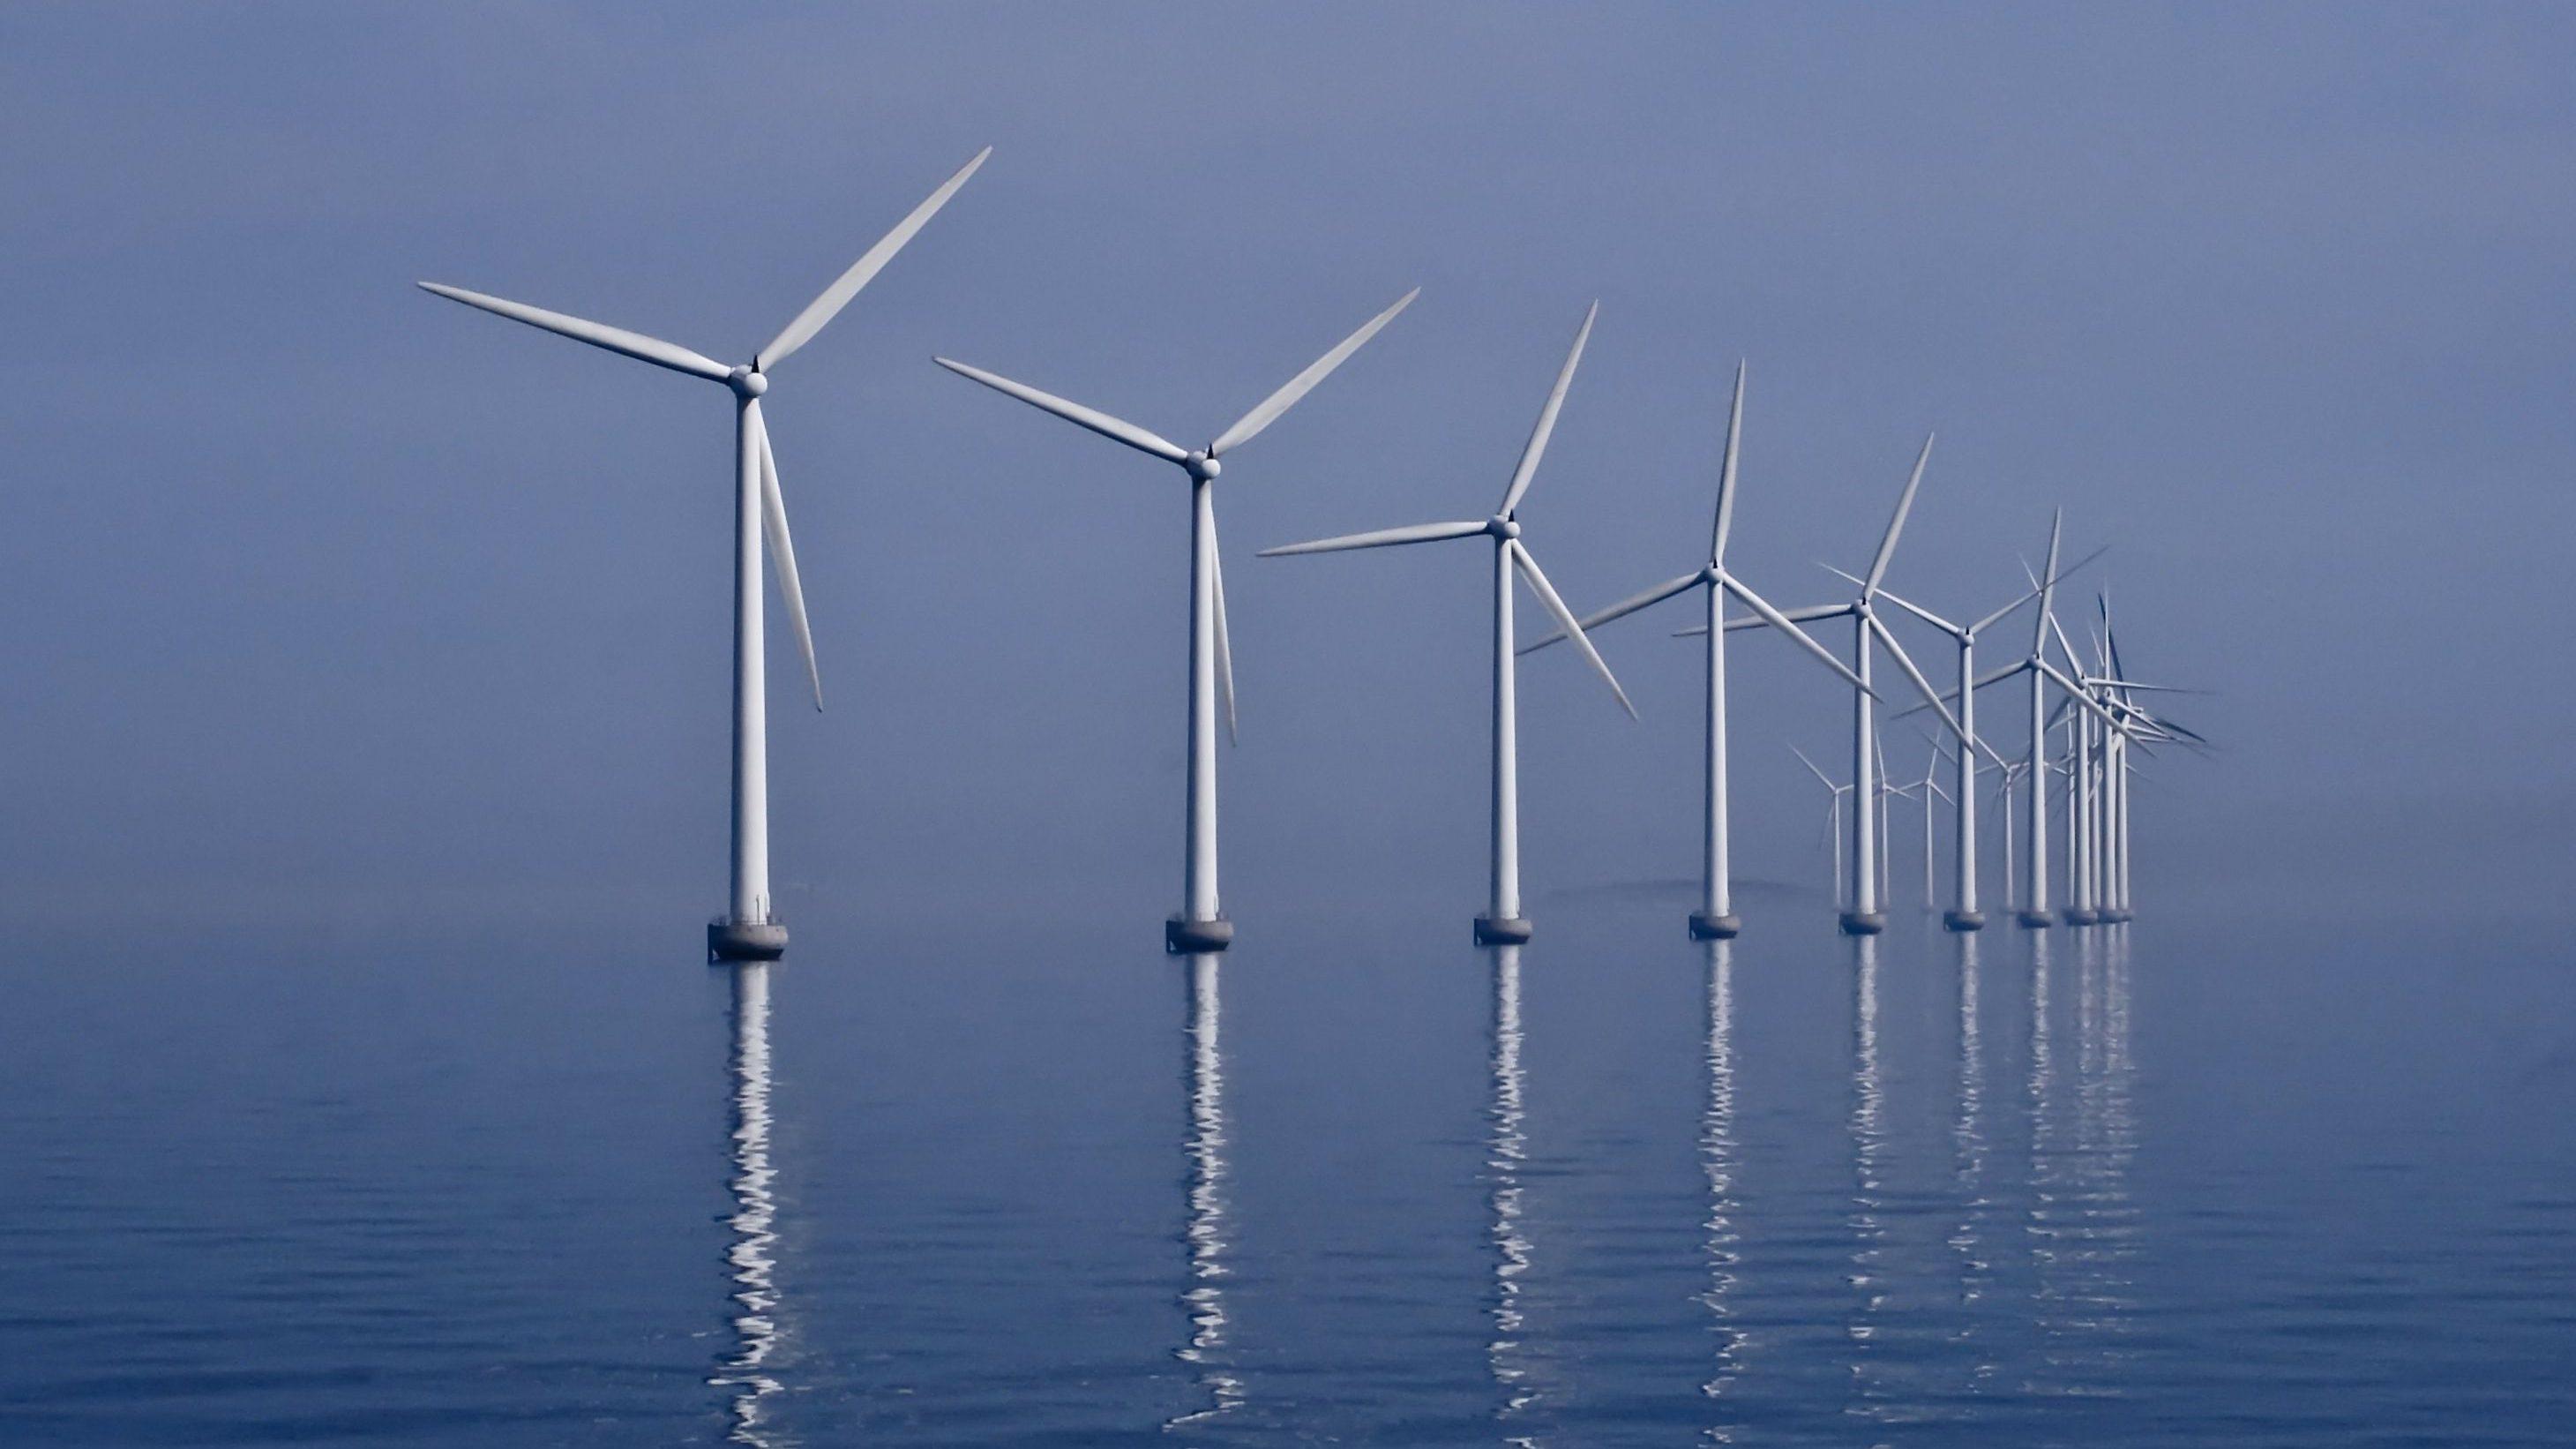 https://commons.wikimedia.org/wiki/File:Middelgrunden_wind_farm_2009-07-01_edit_filtered2.jpg